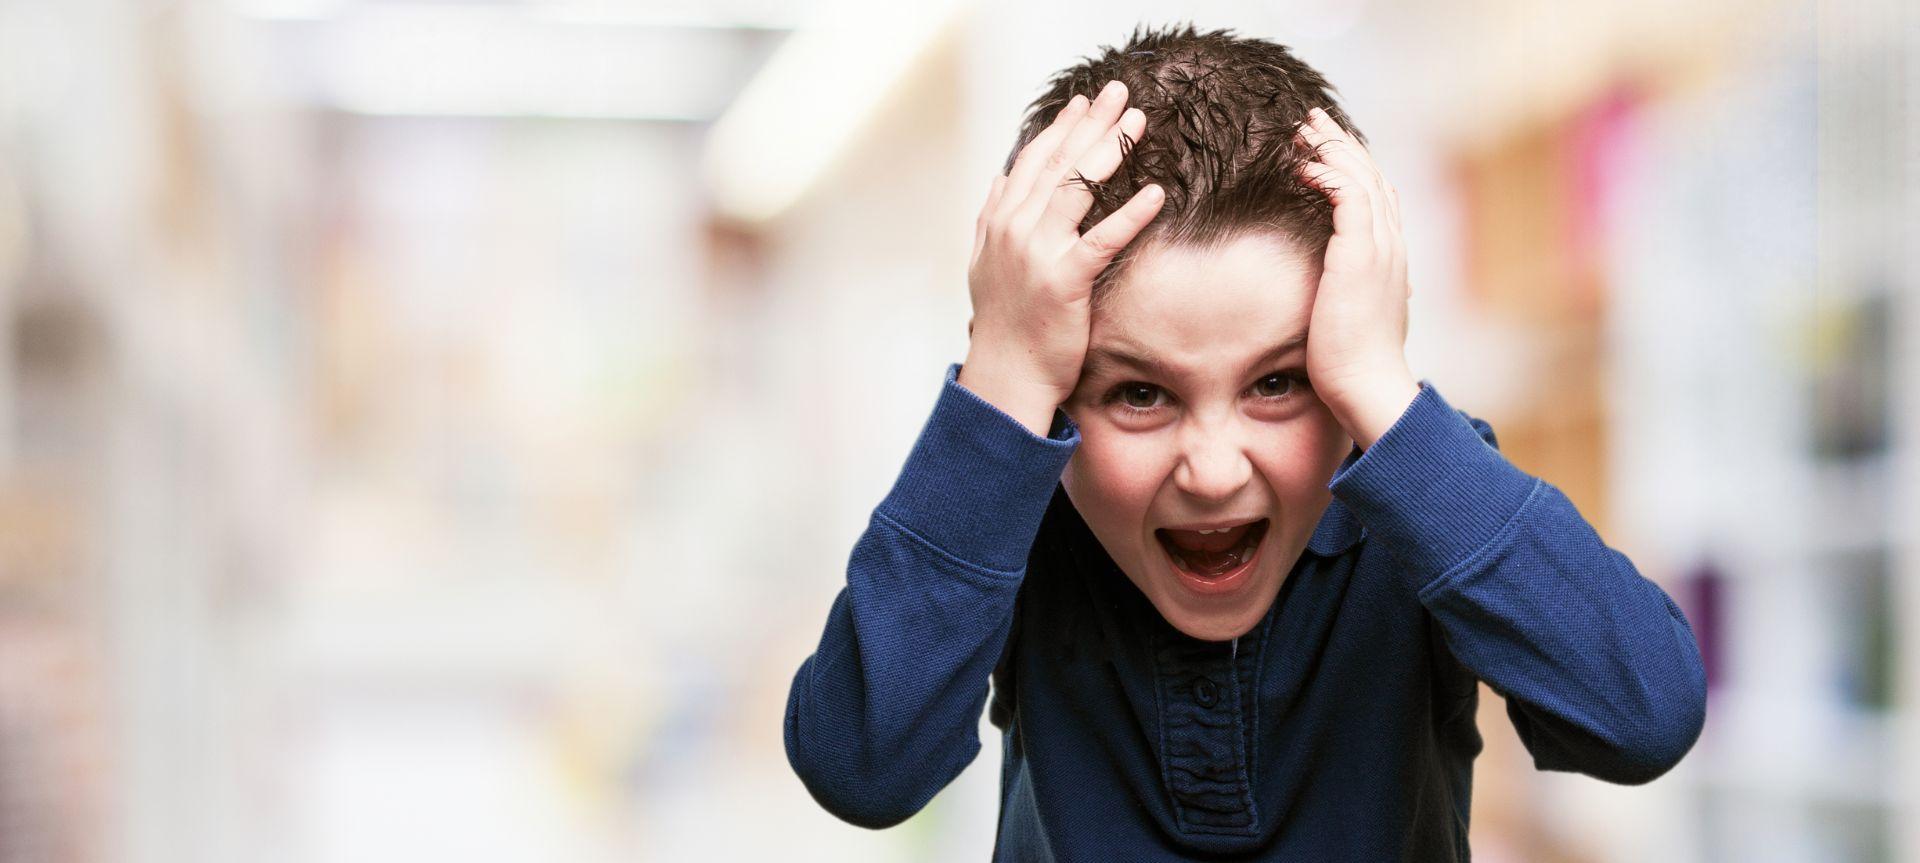 טיפול בהפרעת קשב וריכוז בילדים